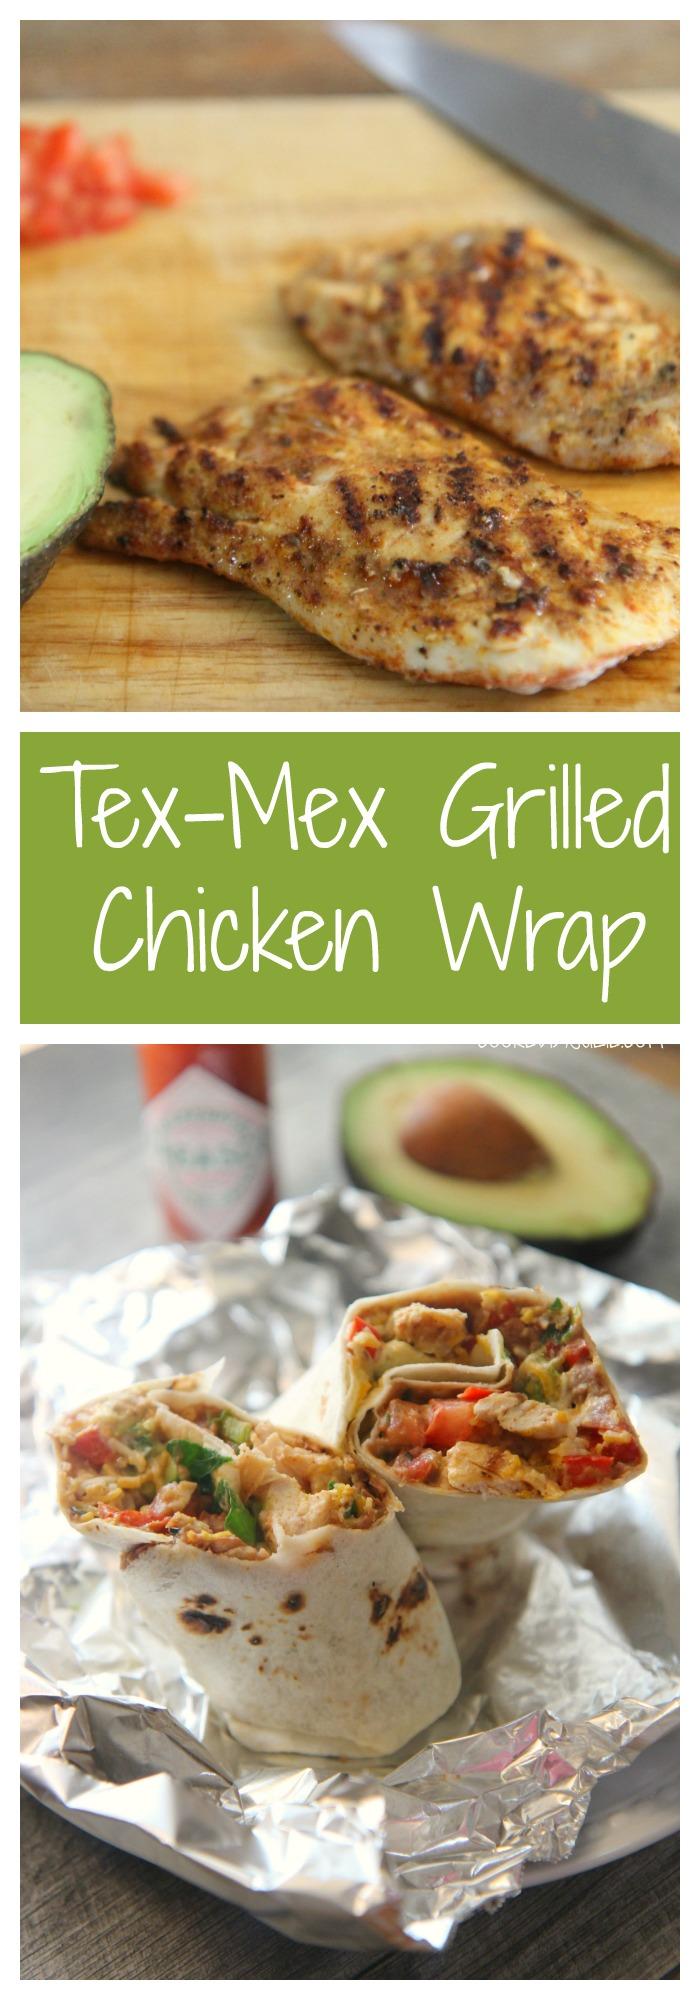 Tex-Mex Grilled Chicken Wrap Recipe